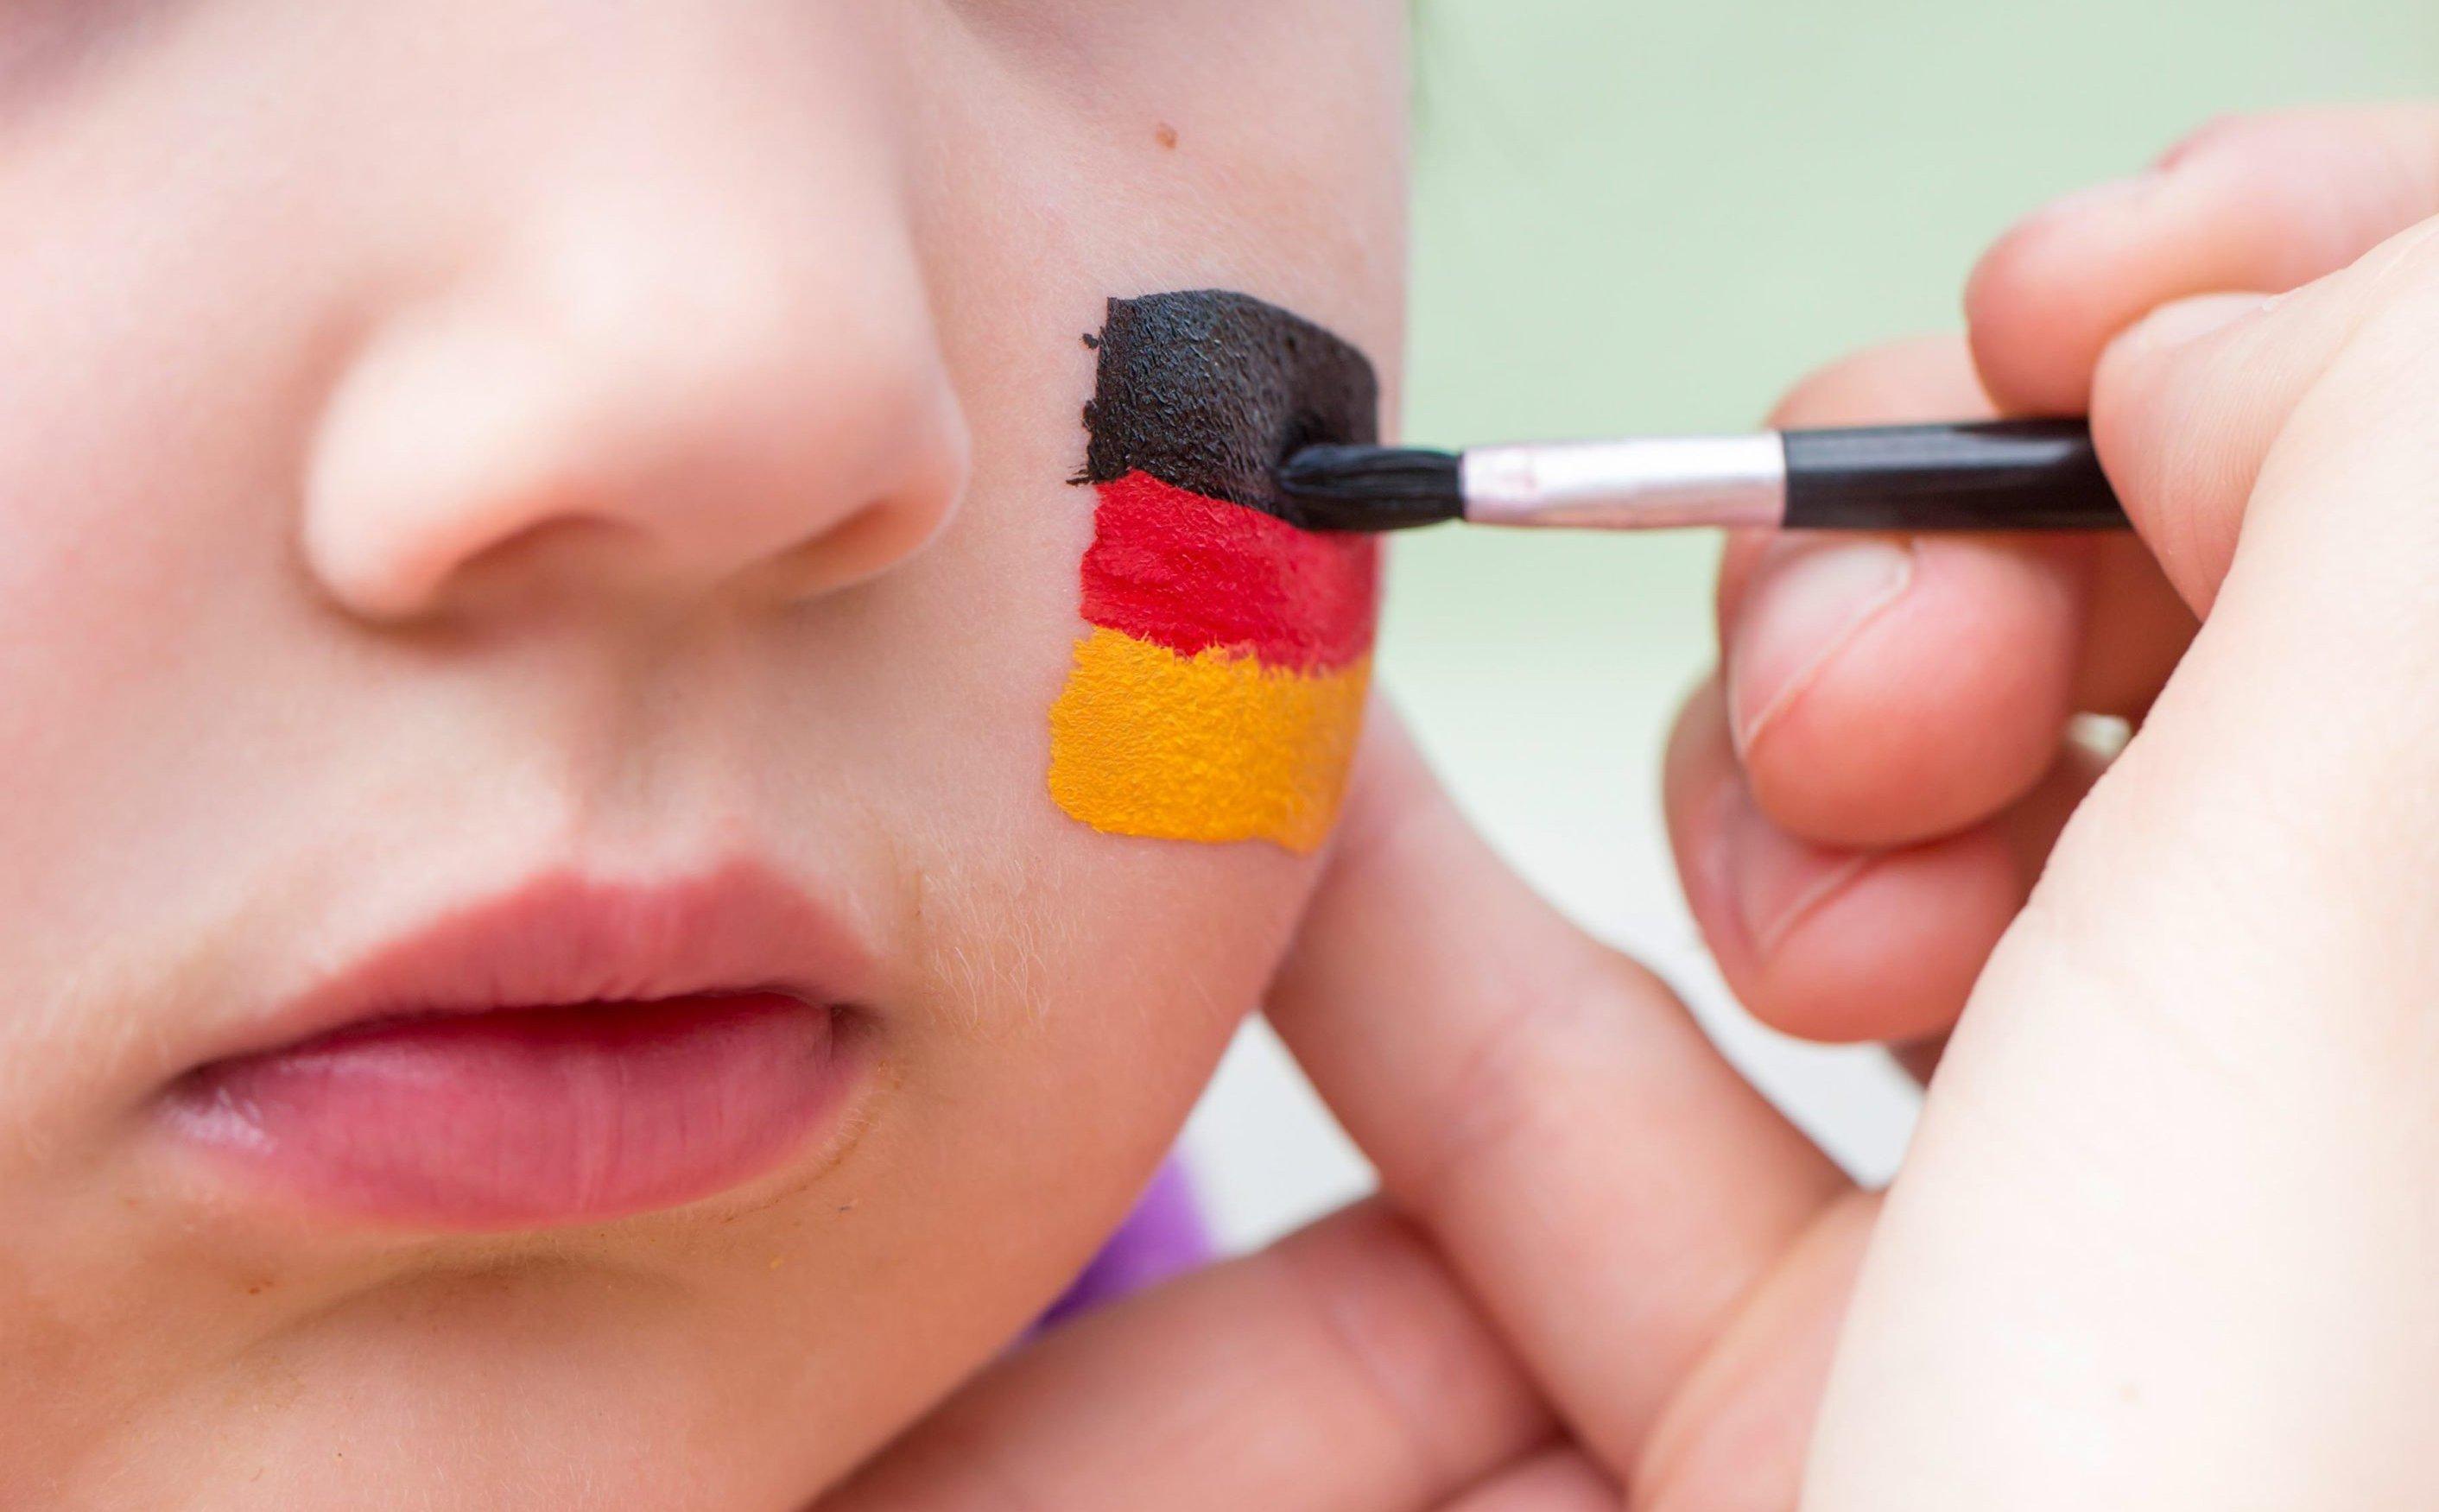 Besonders für Kinder ist der Zusatzstoff Lackrot gesundheitsgefährdend. In Baden-Württemberg ist die WM-Schminke daher schon verboten.